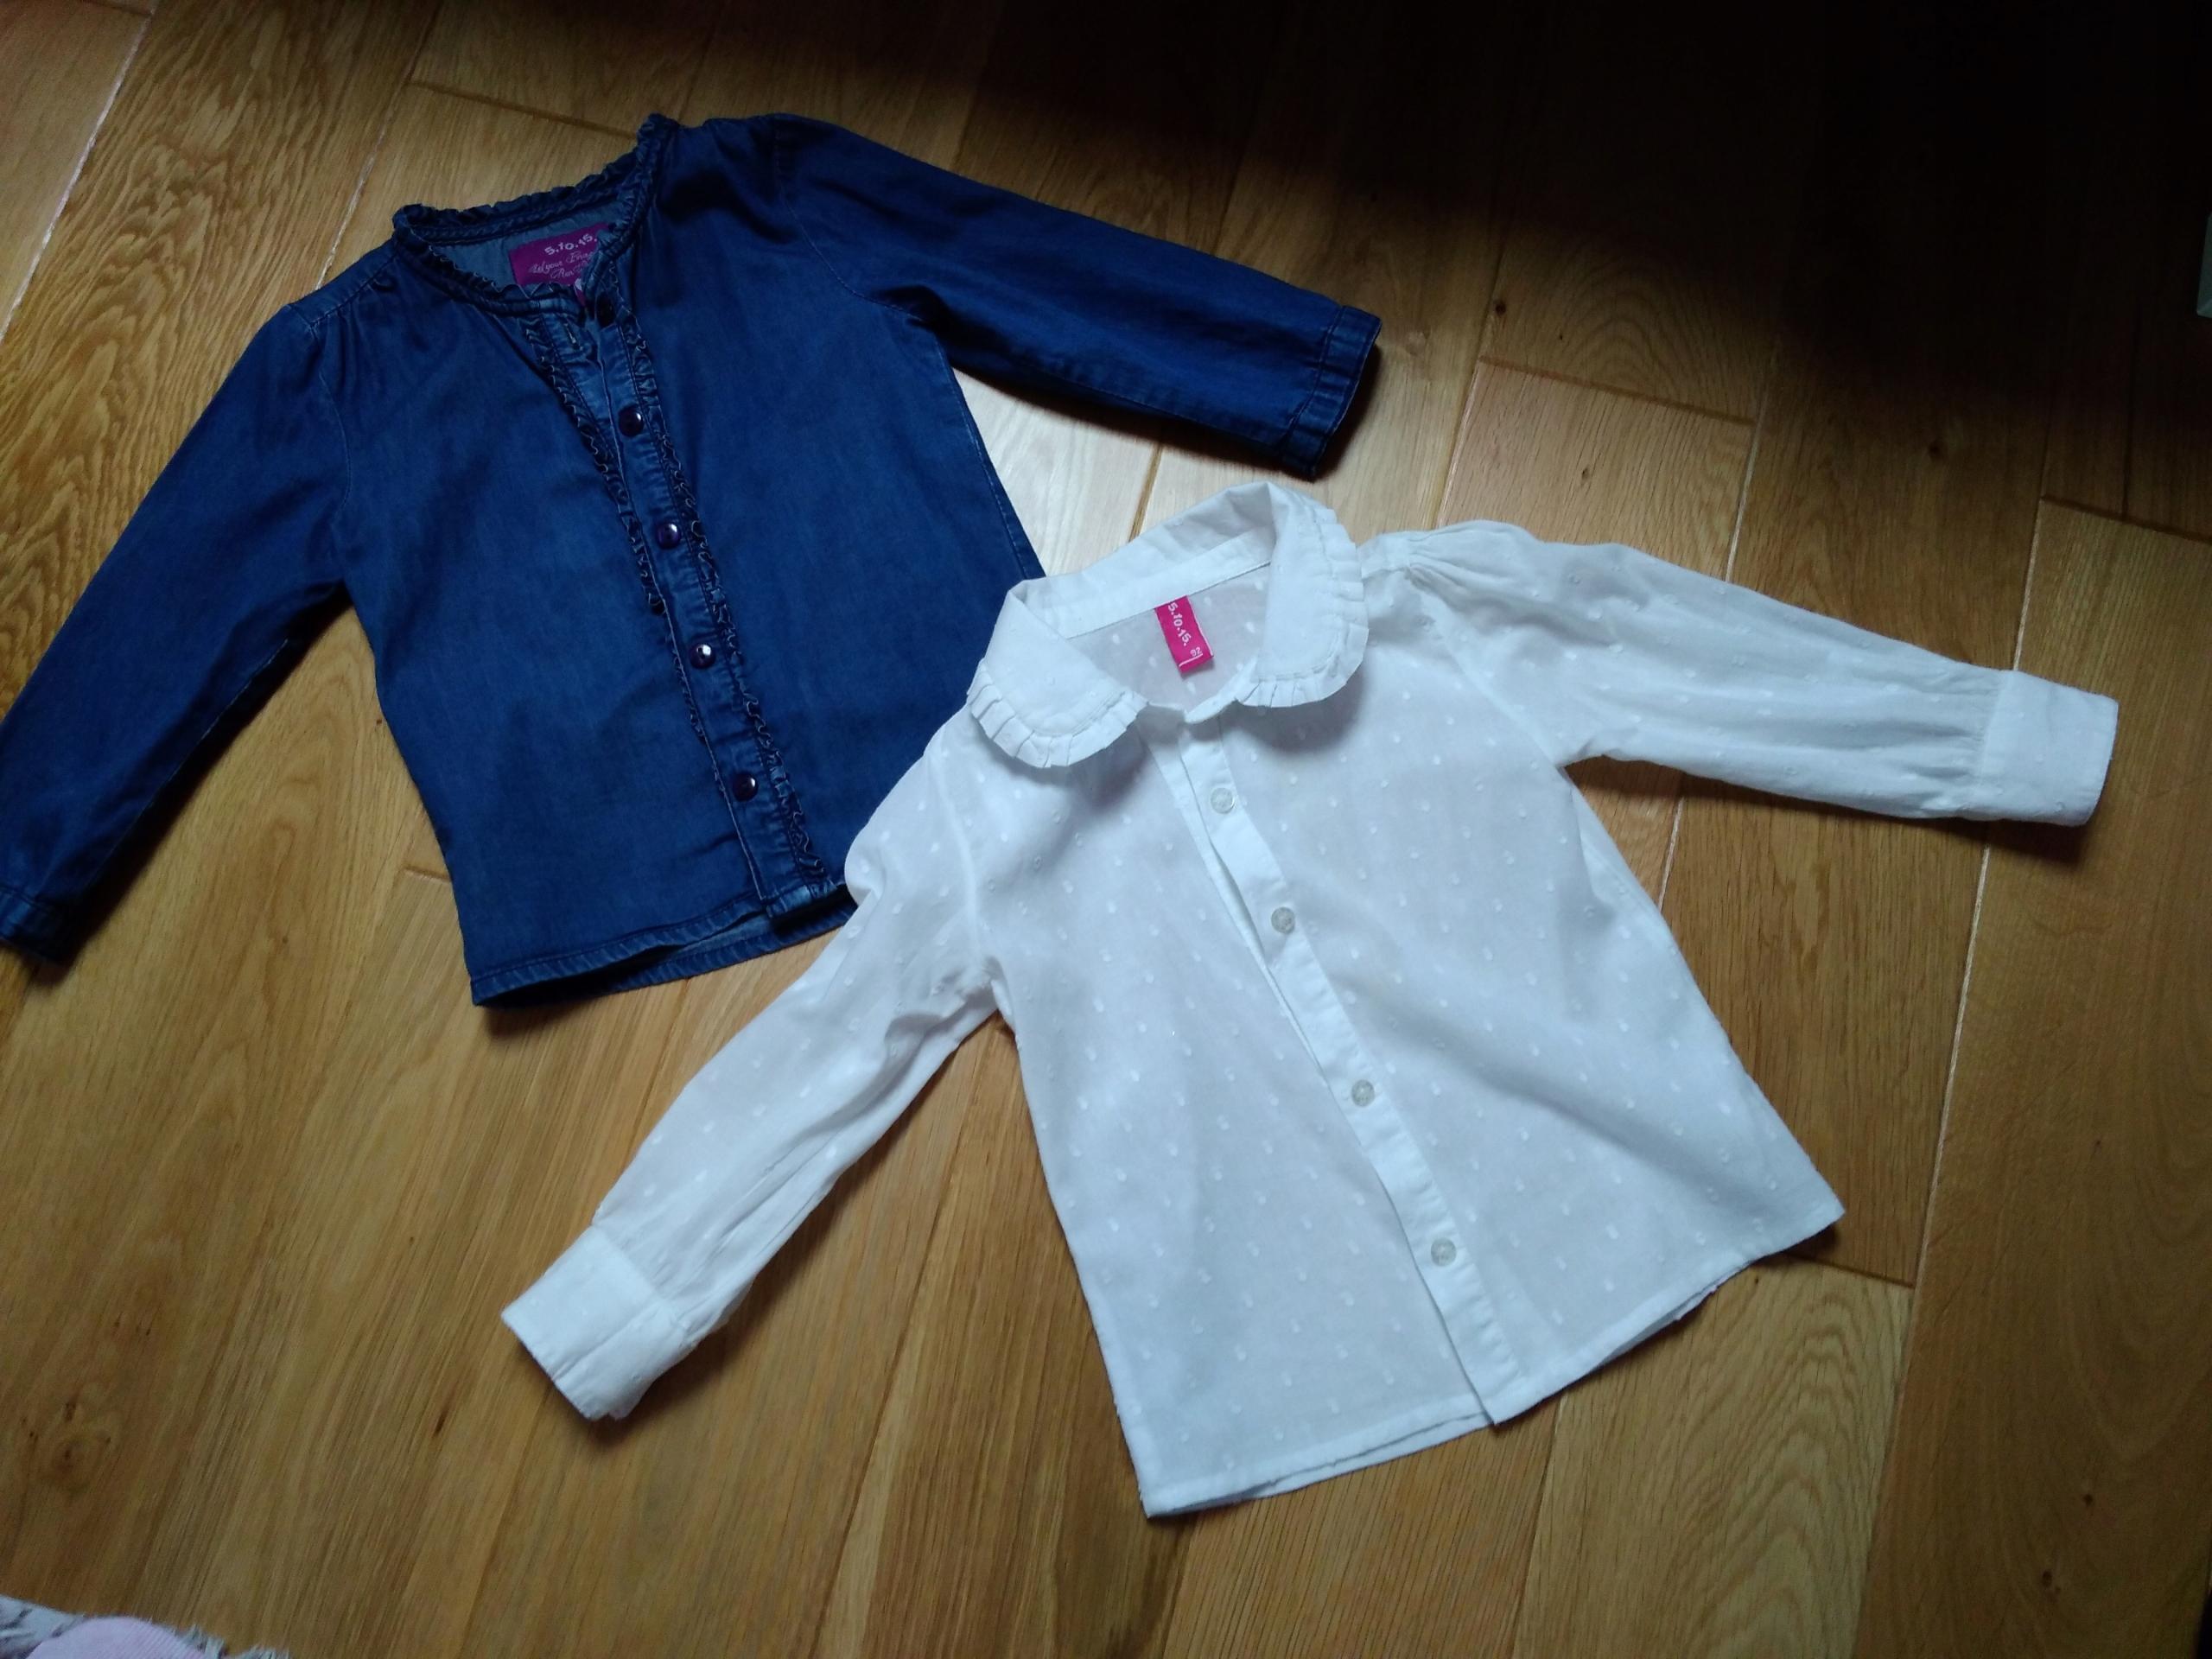 e6f485b41e modne ciuchy dla dziewczynki rozm. 92 - 7697520361 - oficjalne ...